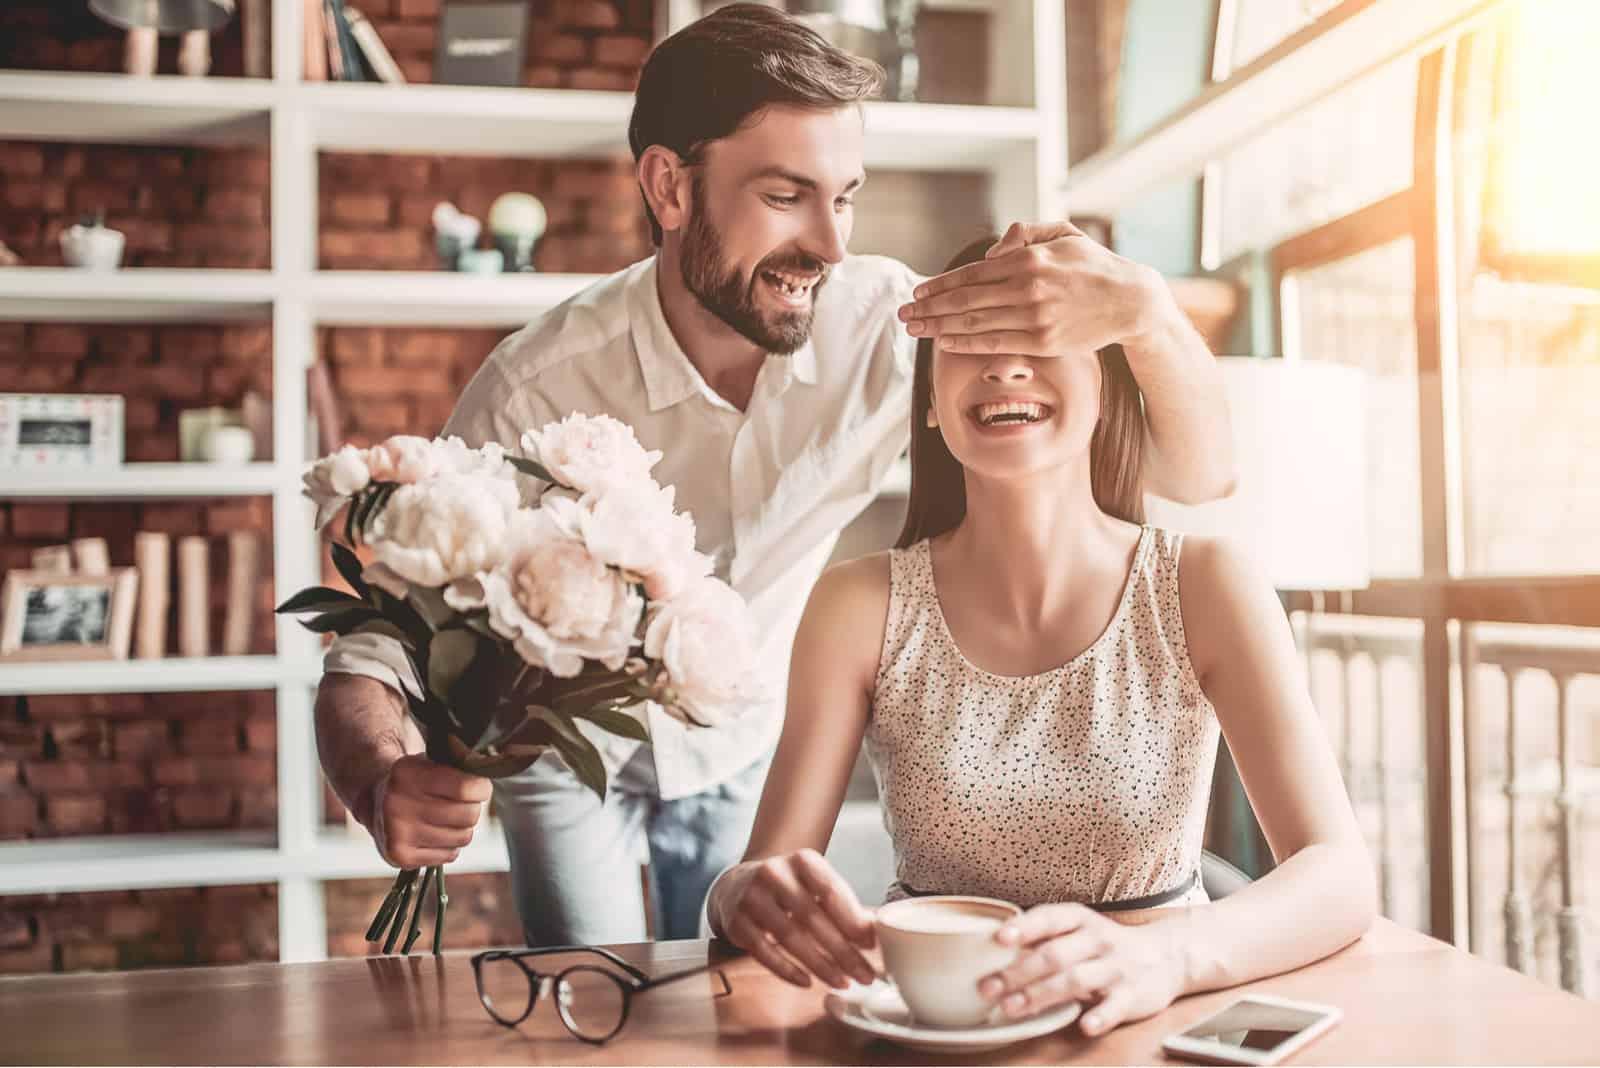 Ein hübscher bärtiger Mann überreicht einem lächelnden Mädchen einen Rosenstrauß